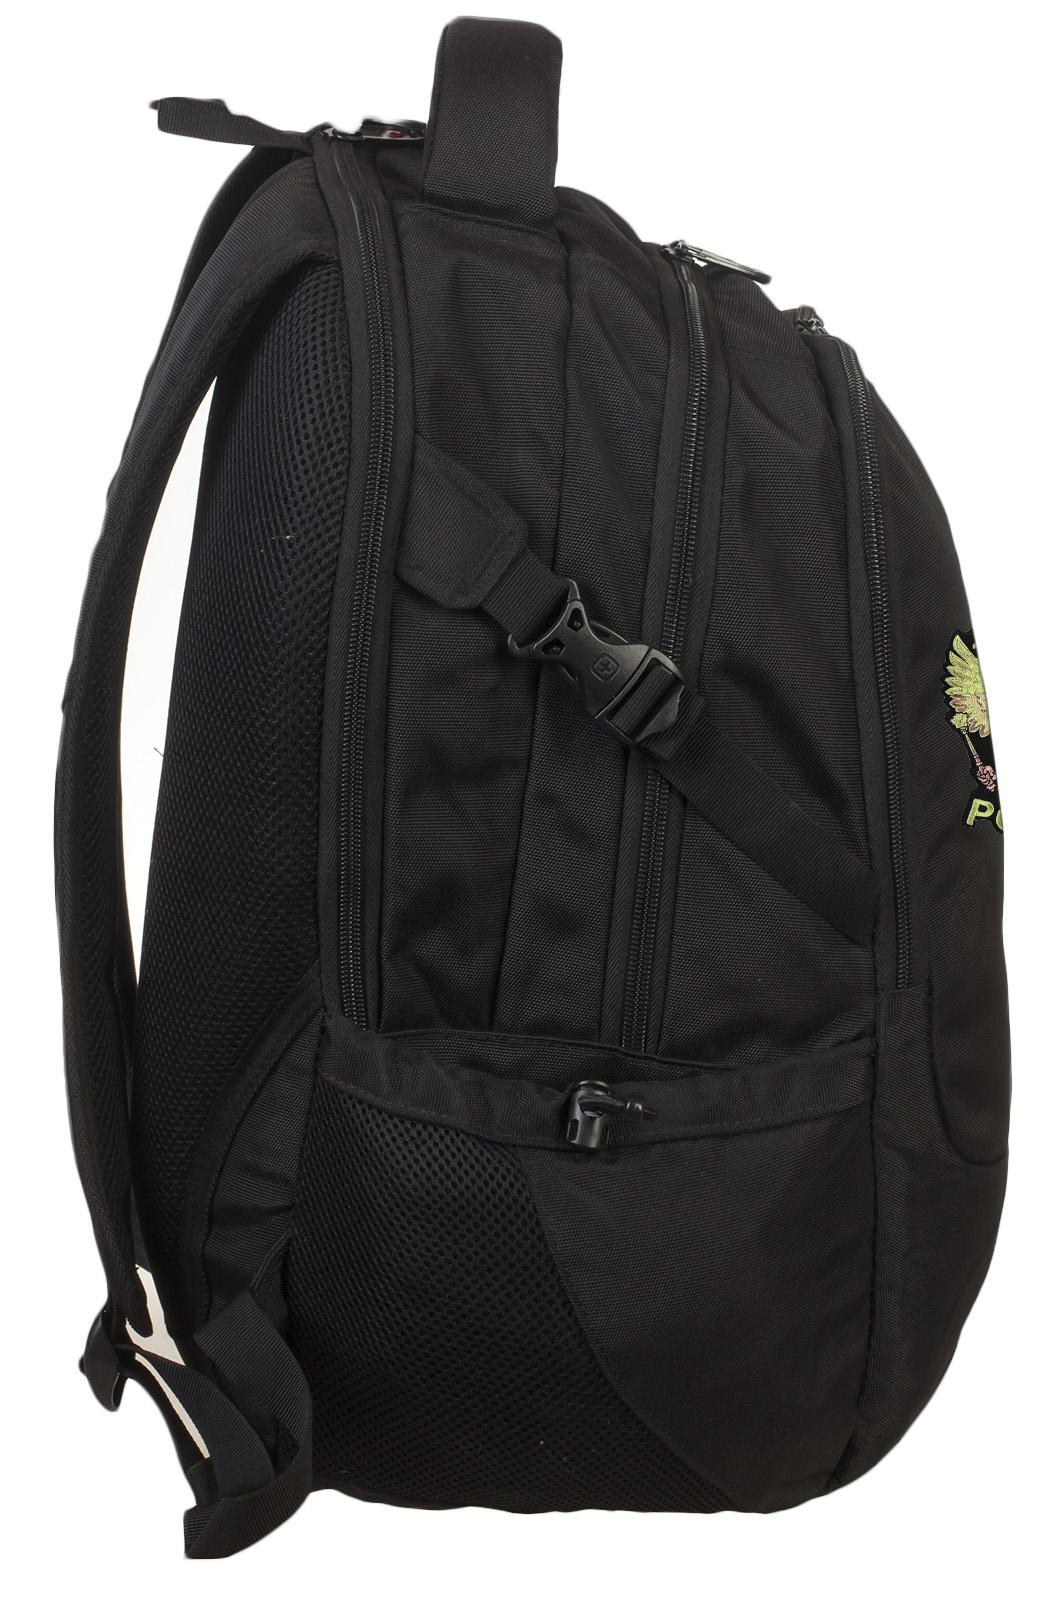 Черный эргономичный рюкзак с нашивкой Герб России - купить в подарок